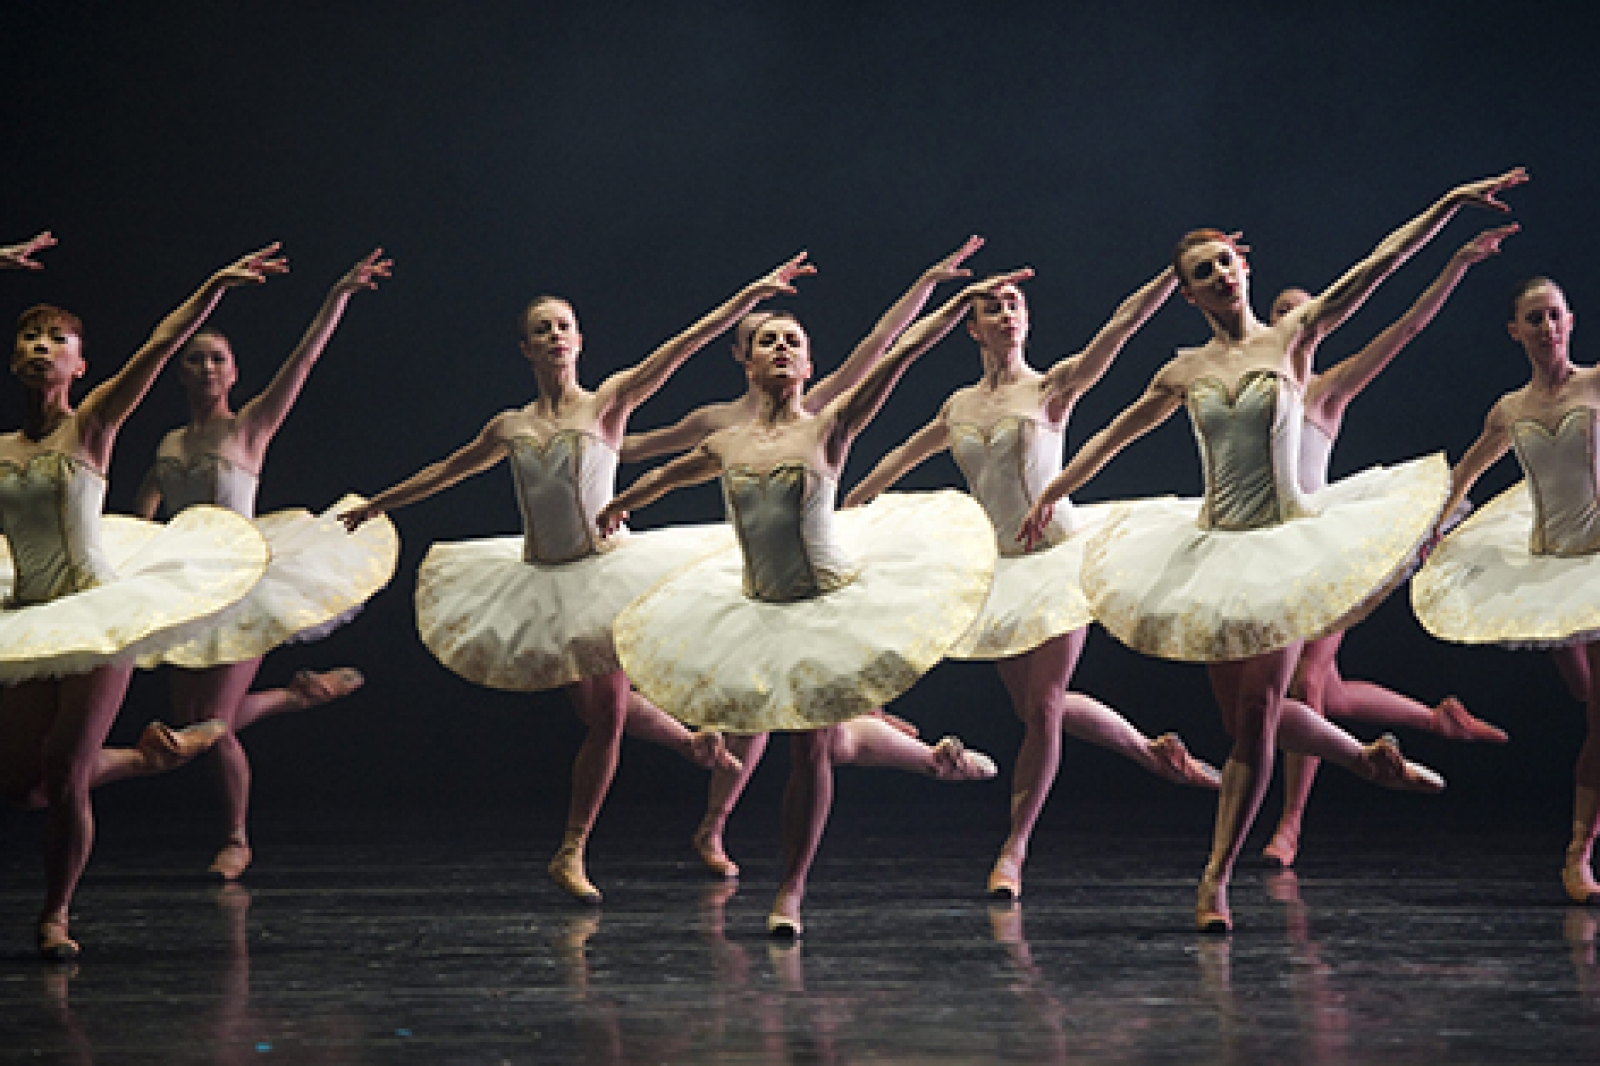 ny dansare stort bröst i Göteborg